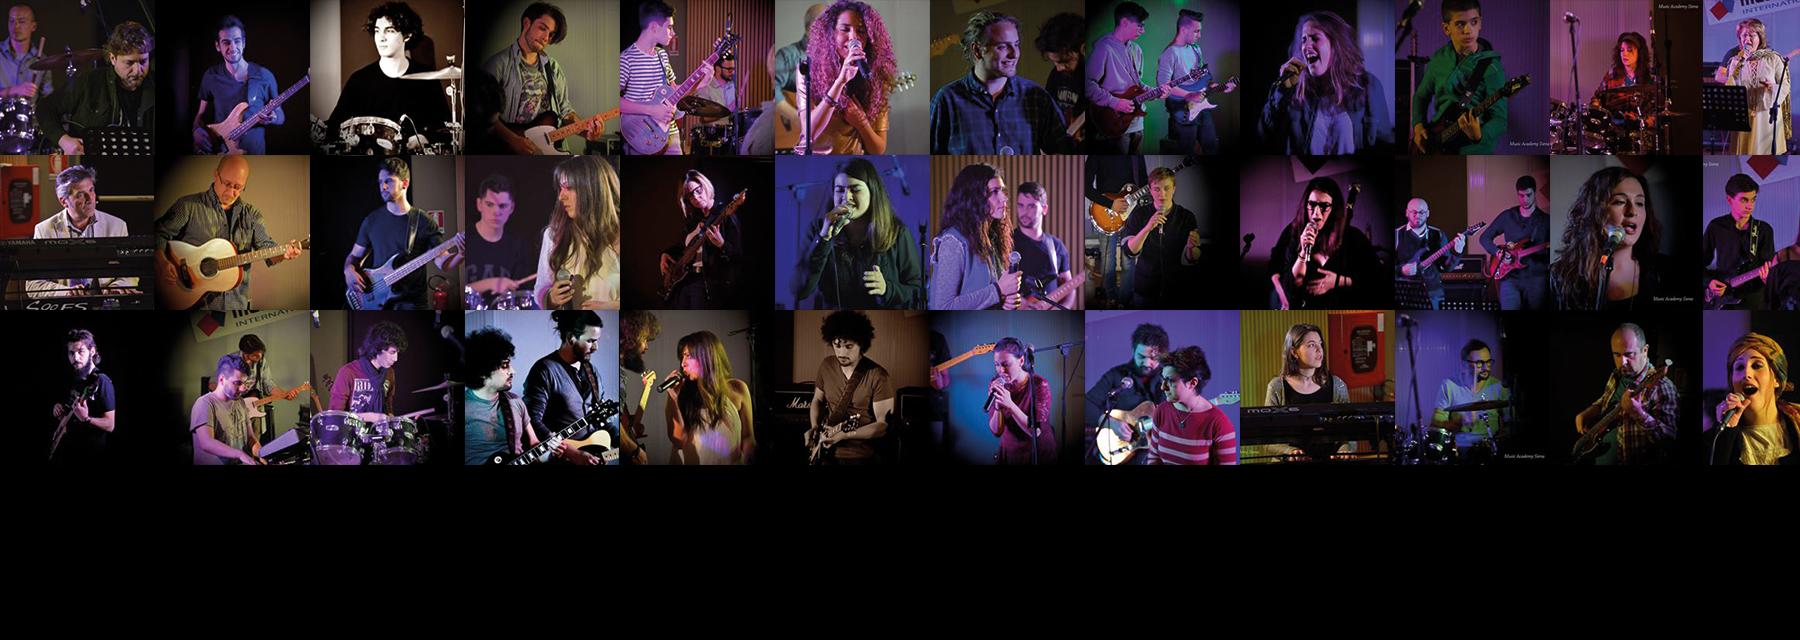 Associazione Musicale e Culturale Diapason